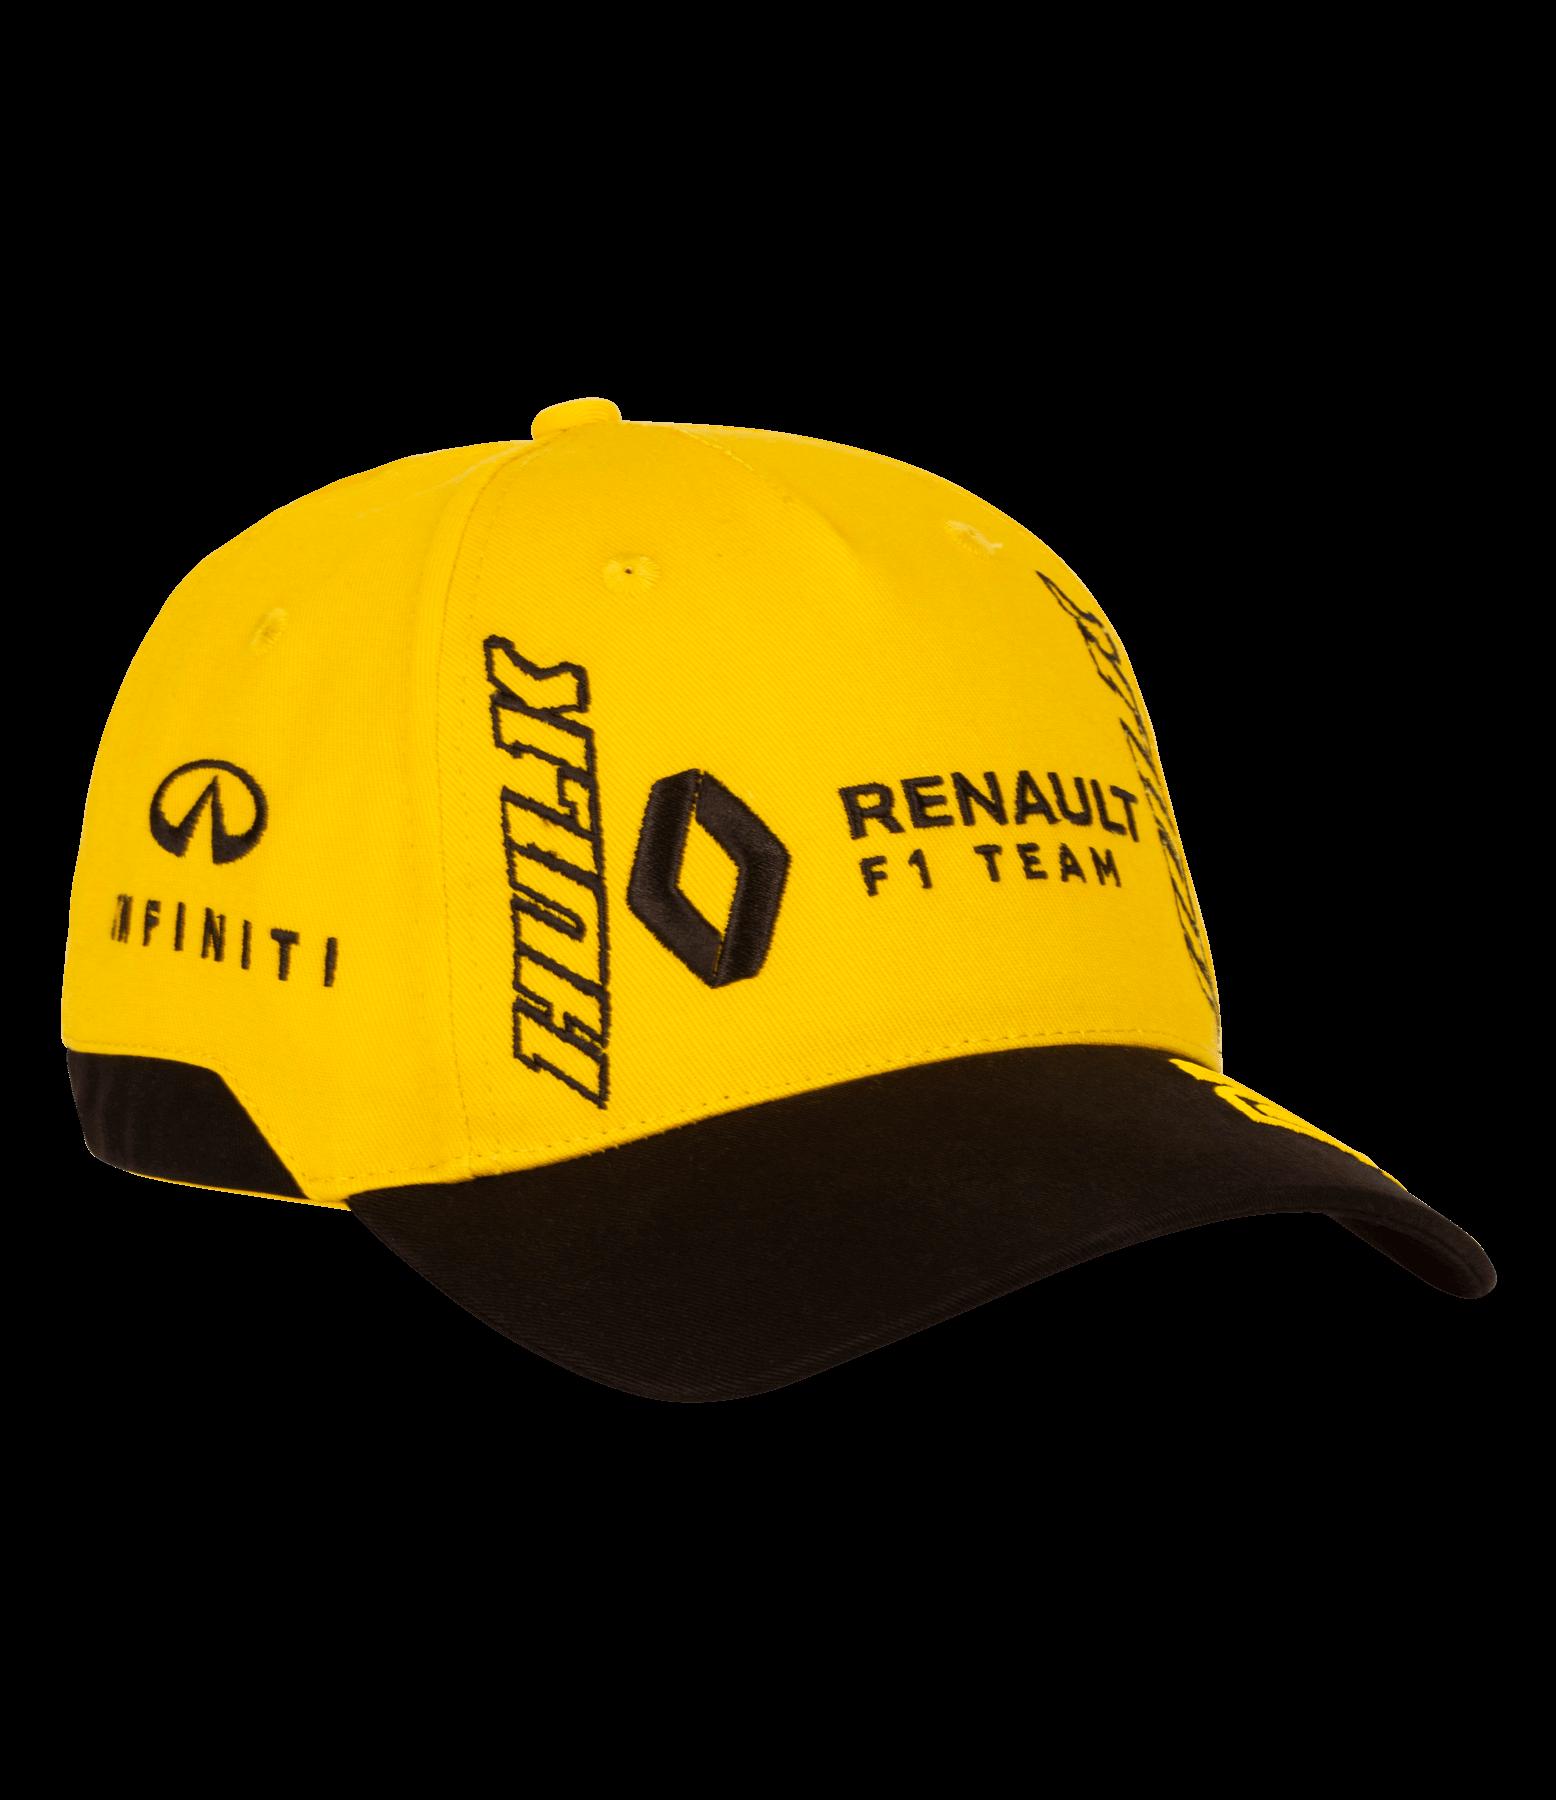 RENAULT F1® TEAM 2019 cap - Hülkenberg - RS F1 Official Website